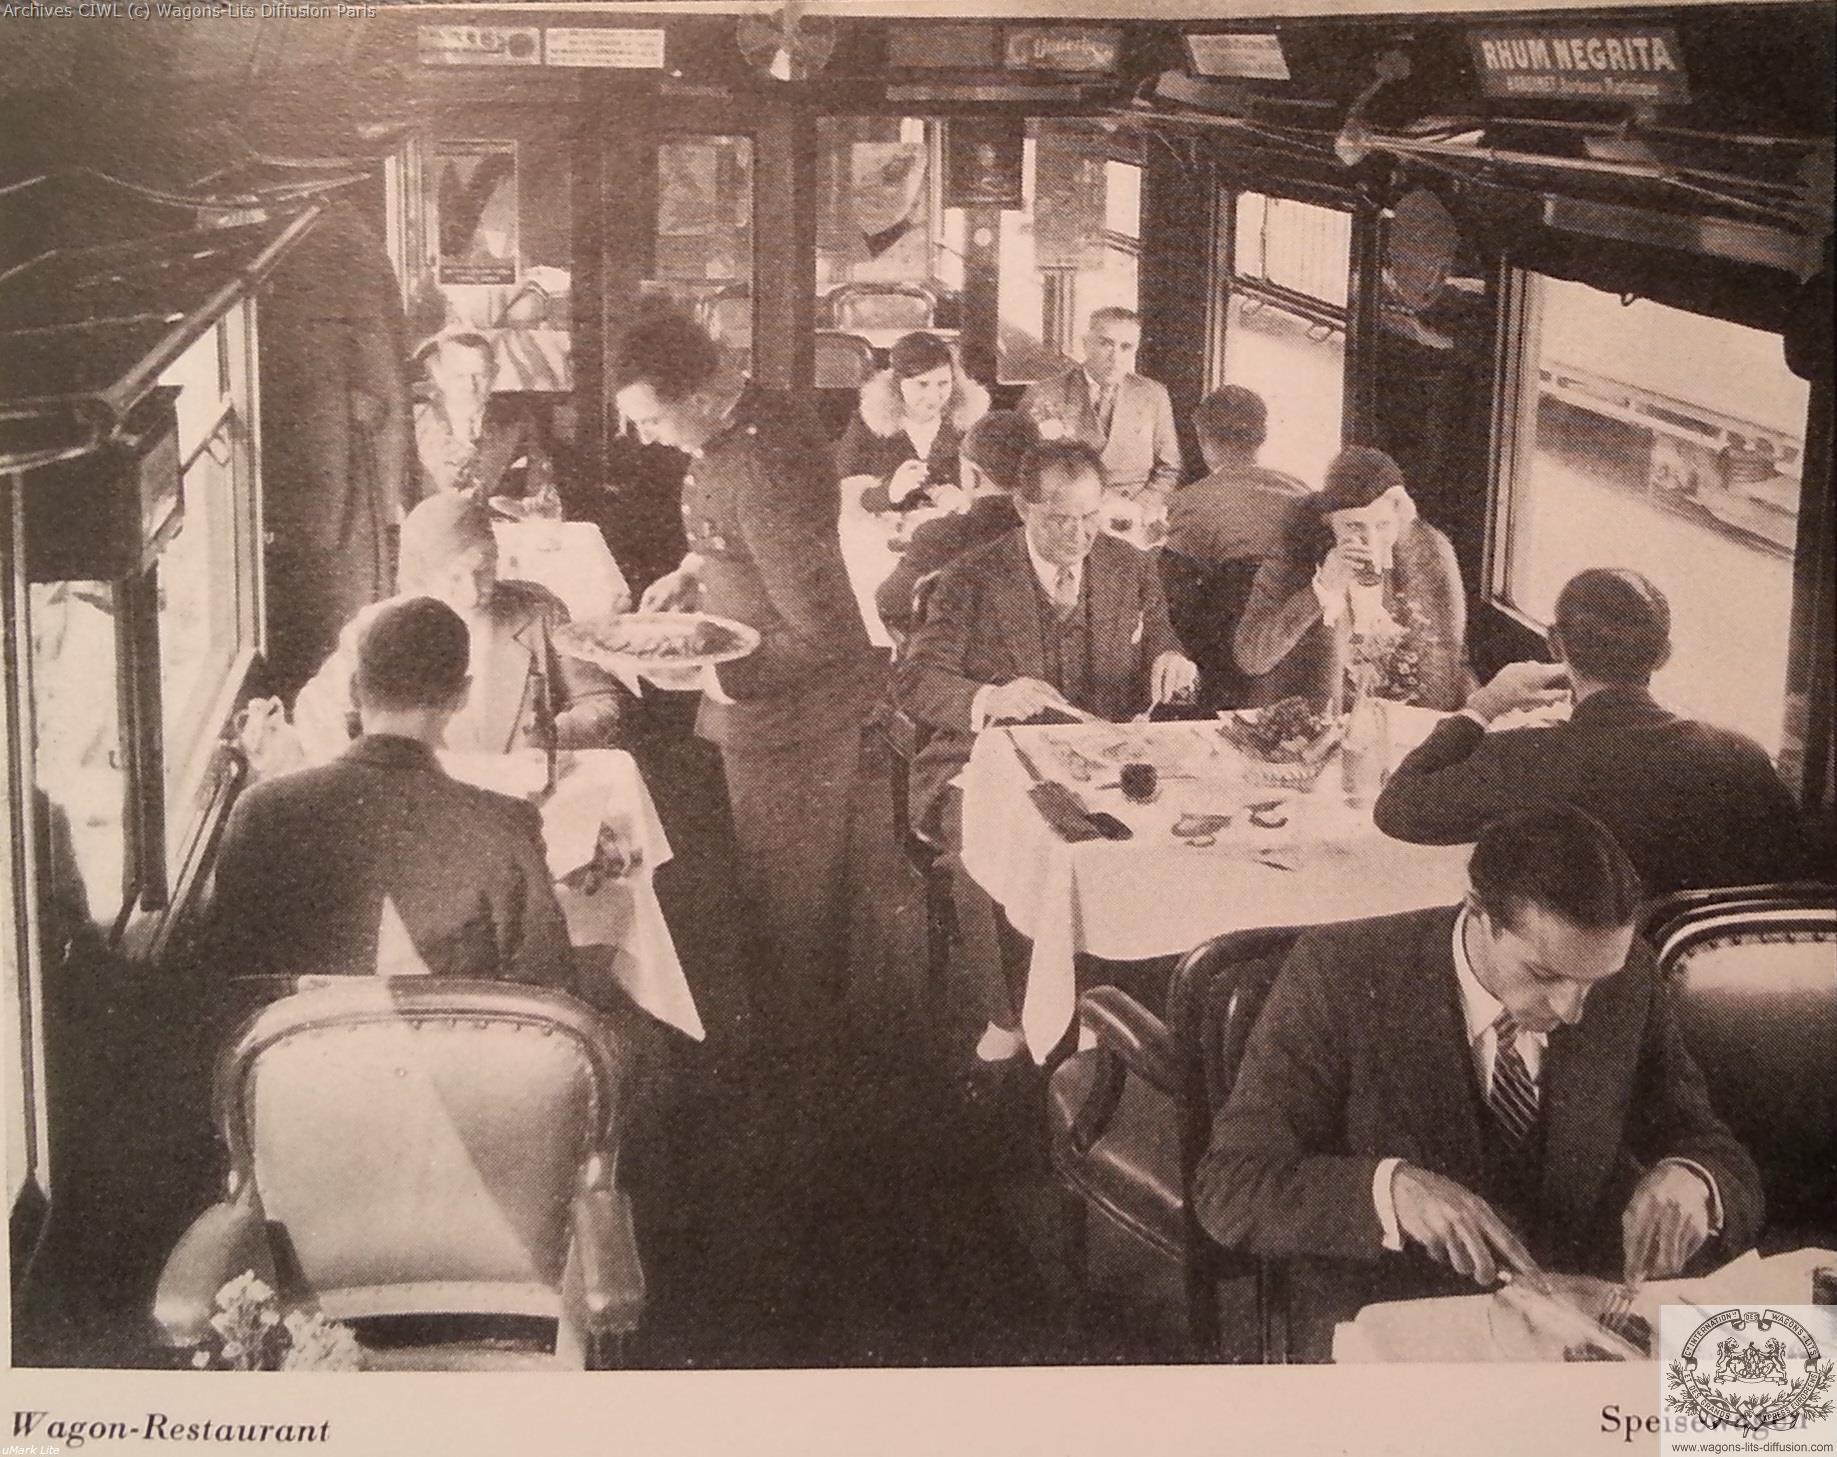 Wl service en voiture restaurnat vers 1950